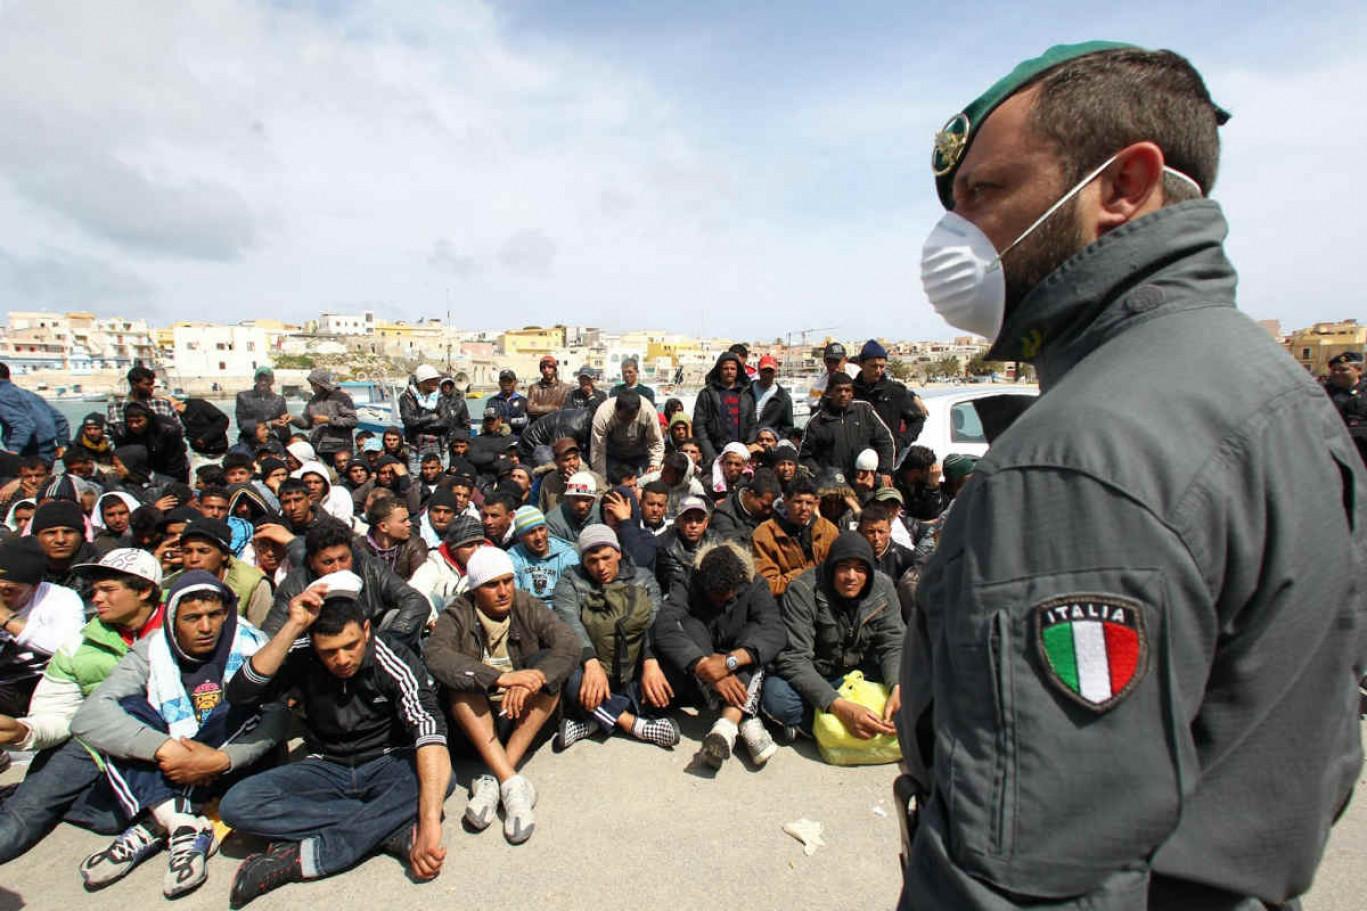 Le Migranti danno di matto: Vogliono i soldi e si rivoltano violentemente così per averli